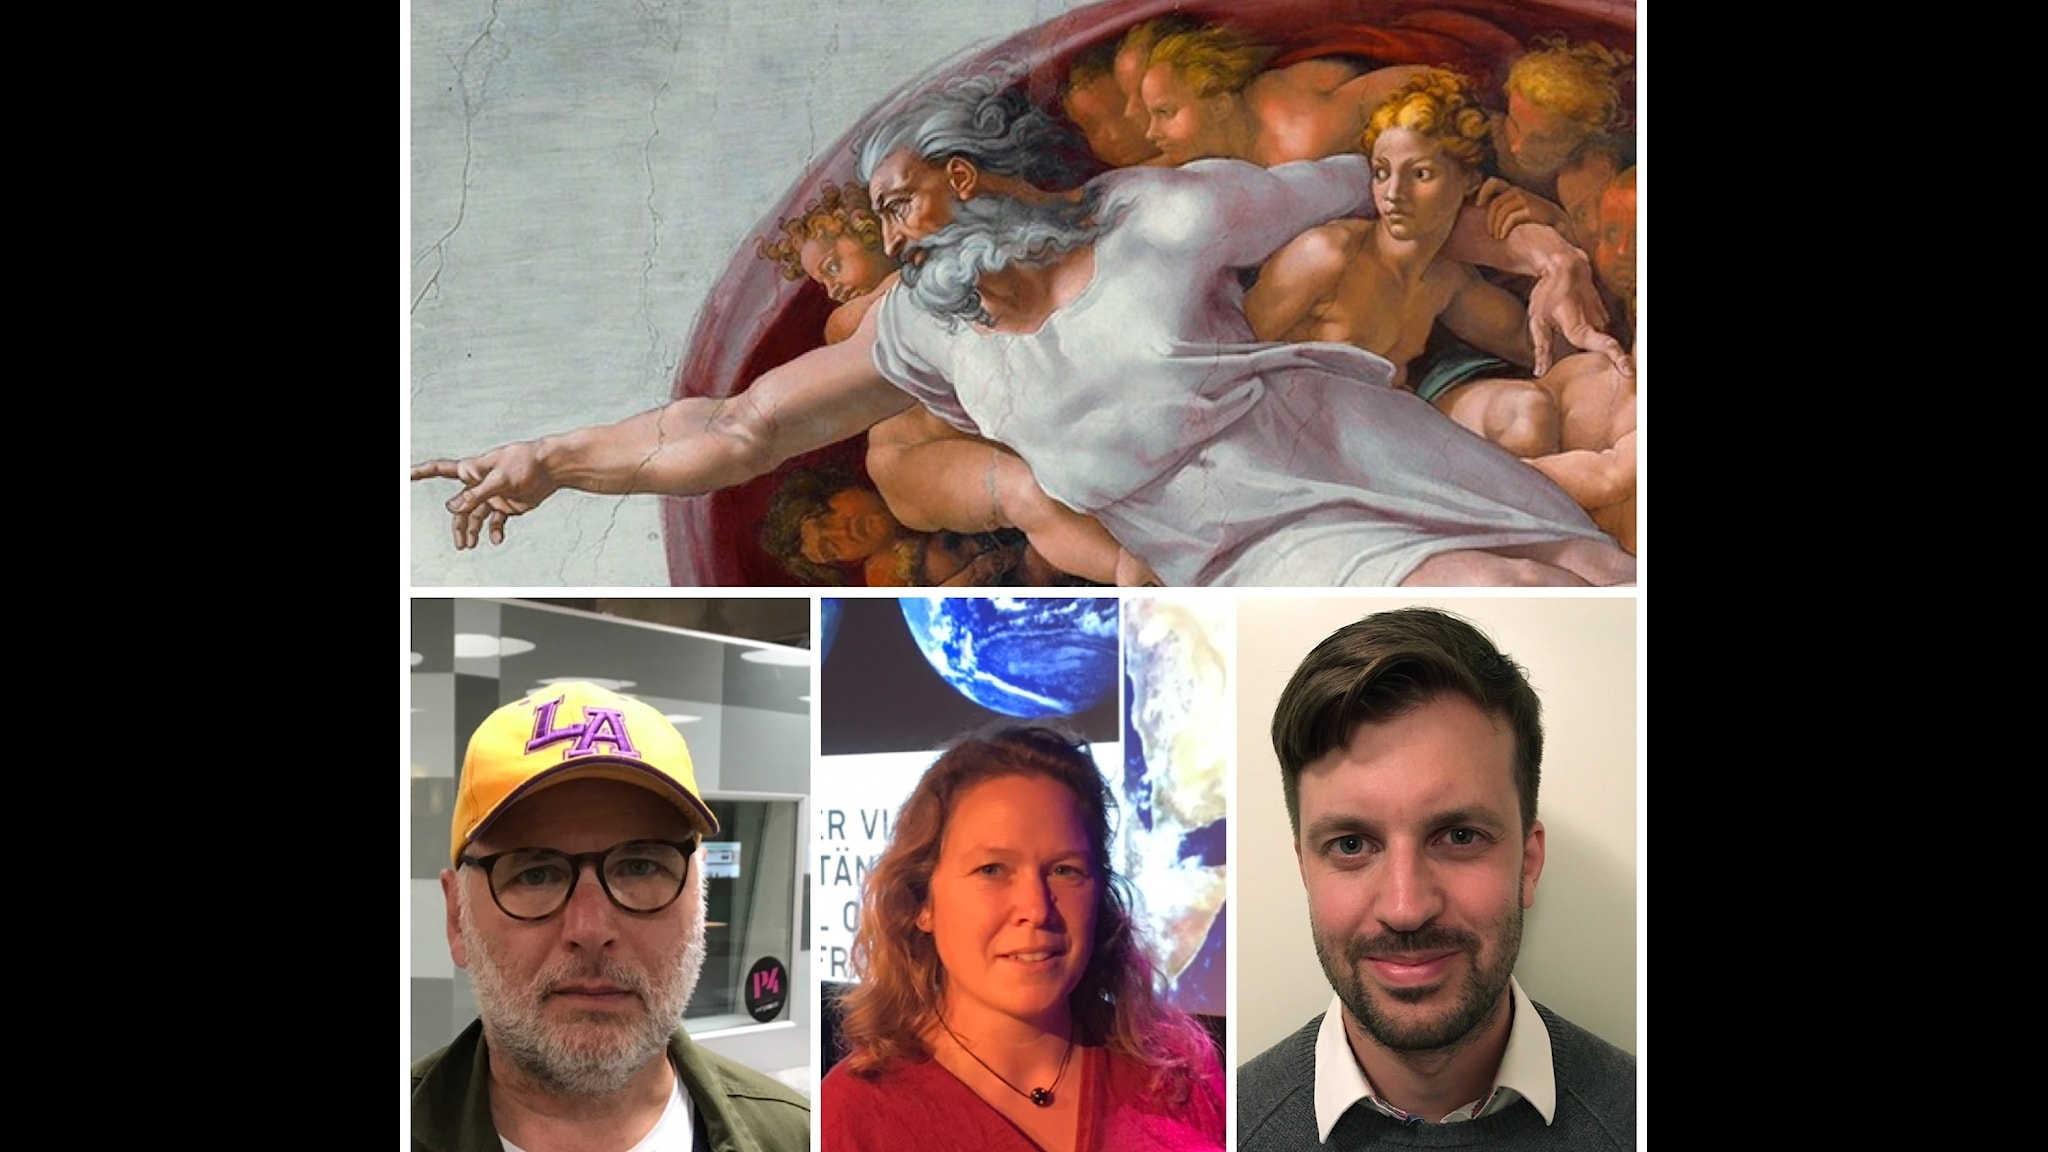 Katastrofer – Guds eller människans ansvar?